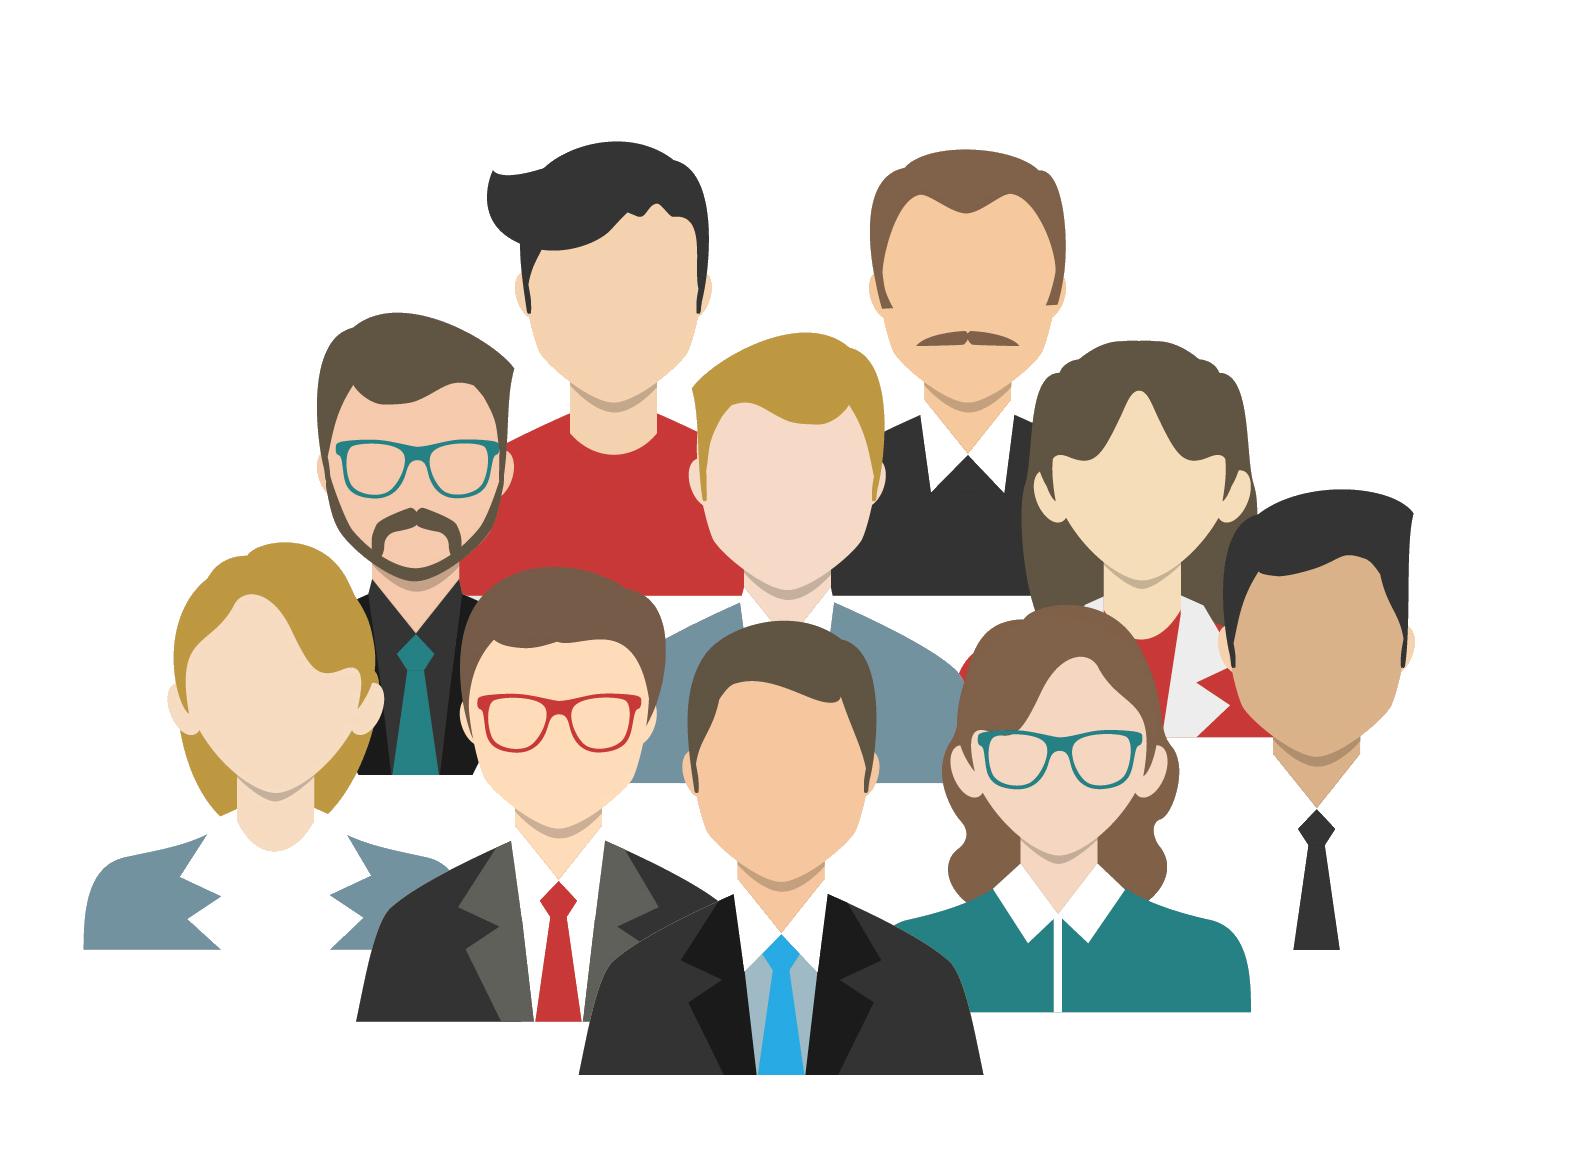 estrategias marketing para comprender a sus clientes luego del covid-19